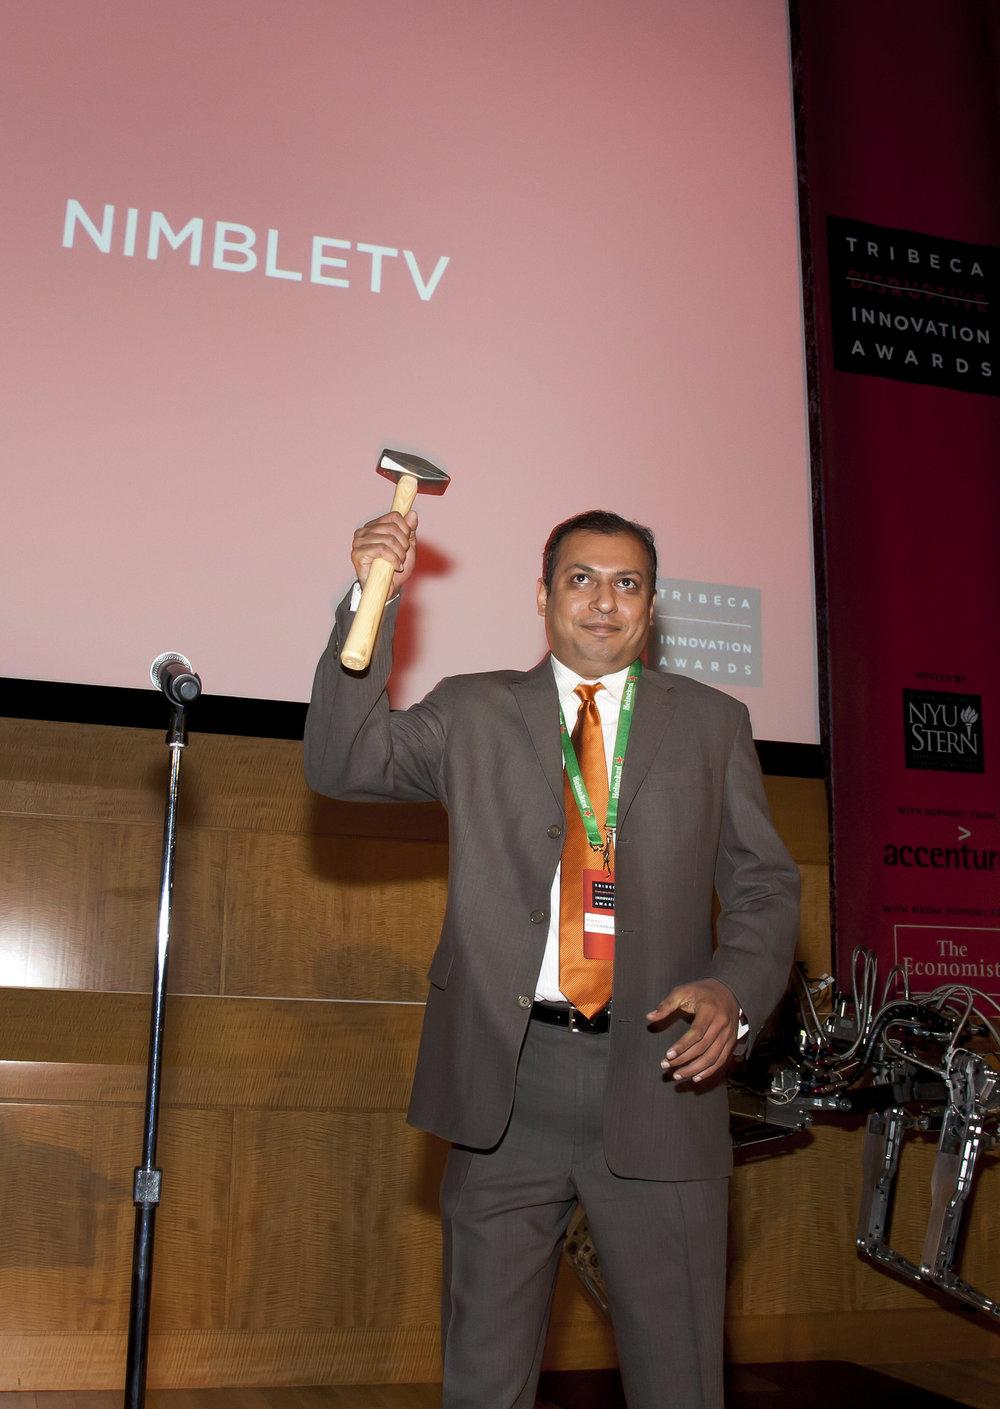 Tribeca_Disruptive_Innovation_Awards_MargaritaCorporan208.jpg